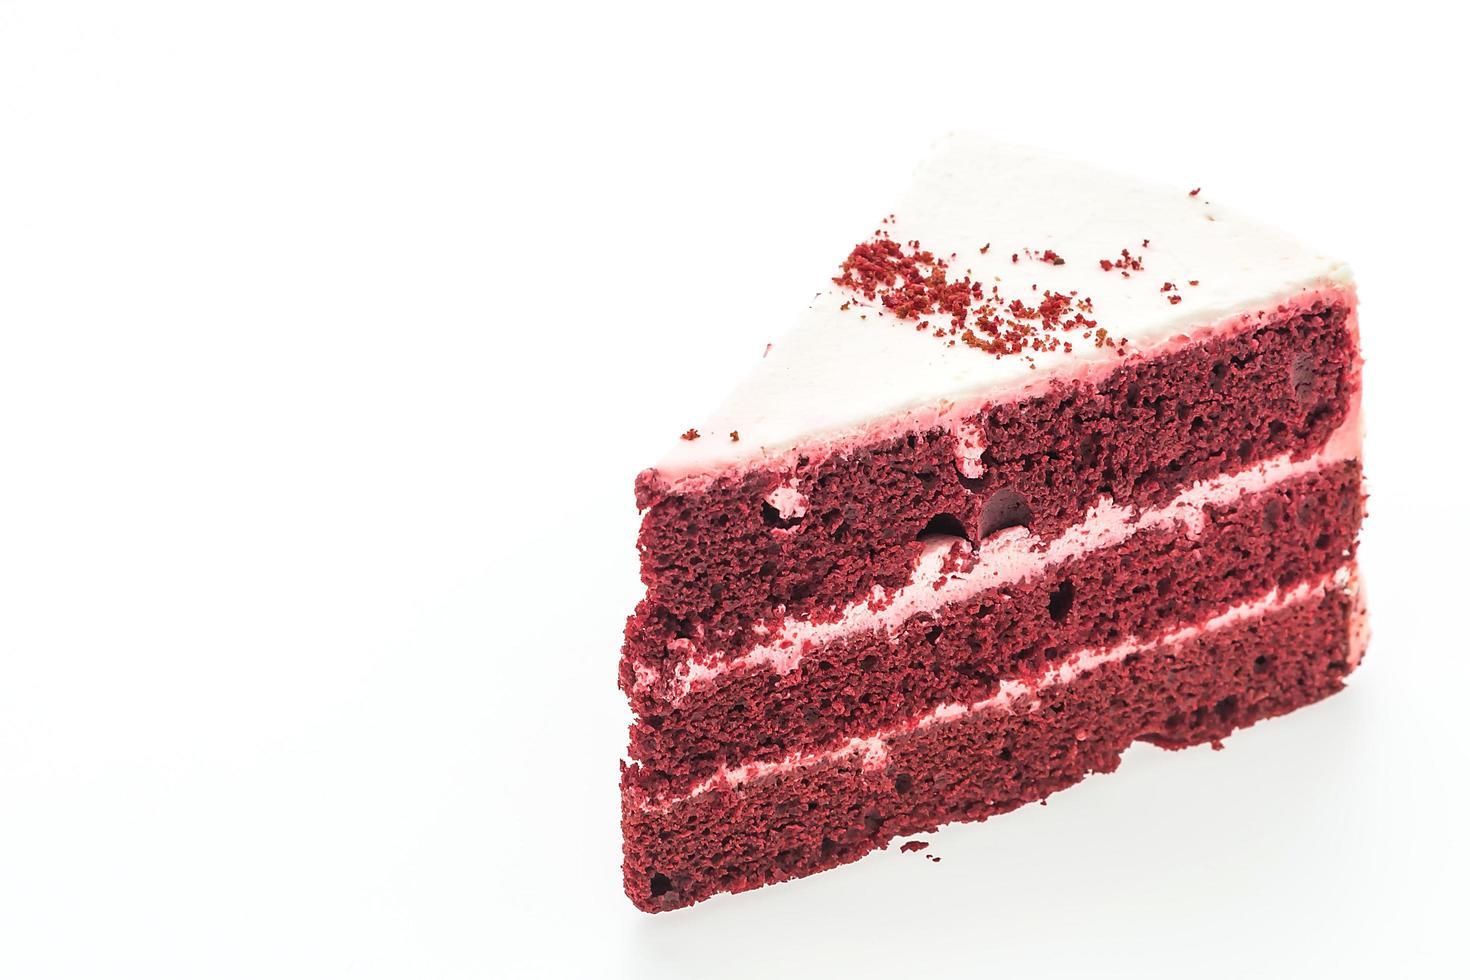 Gâteau de velours rouge isolé sur fond blanc photo